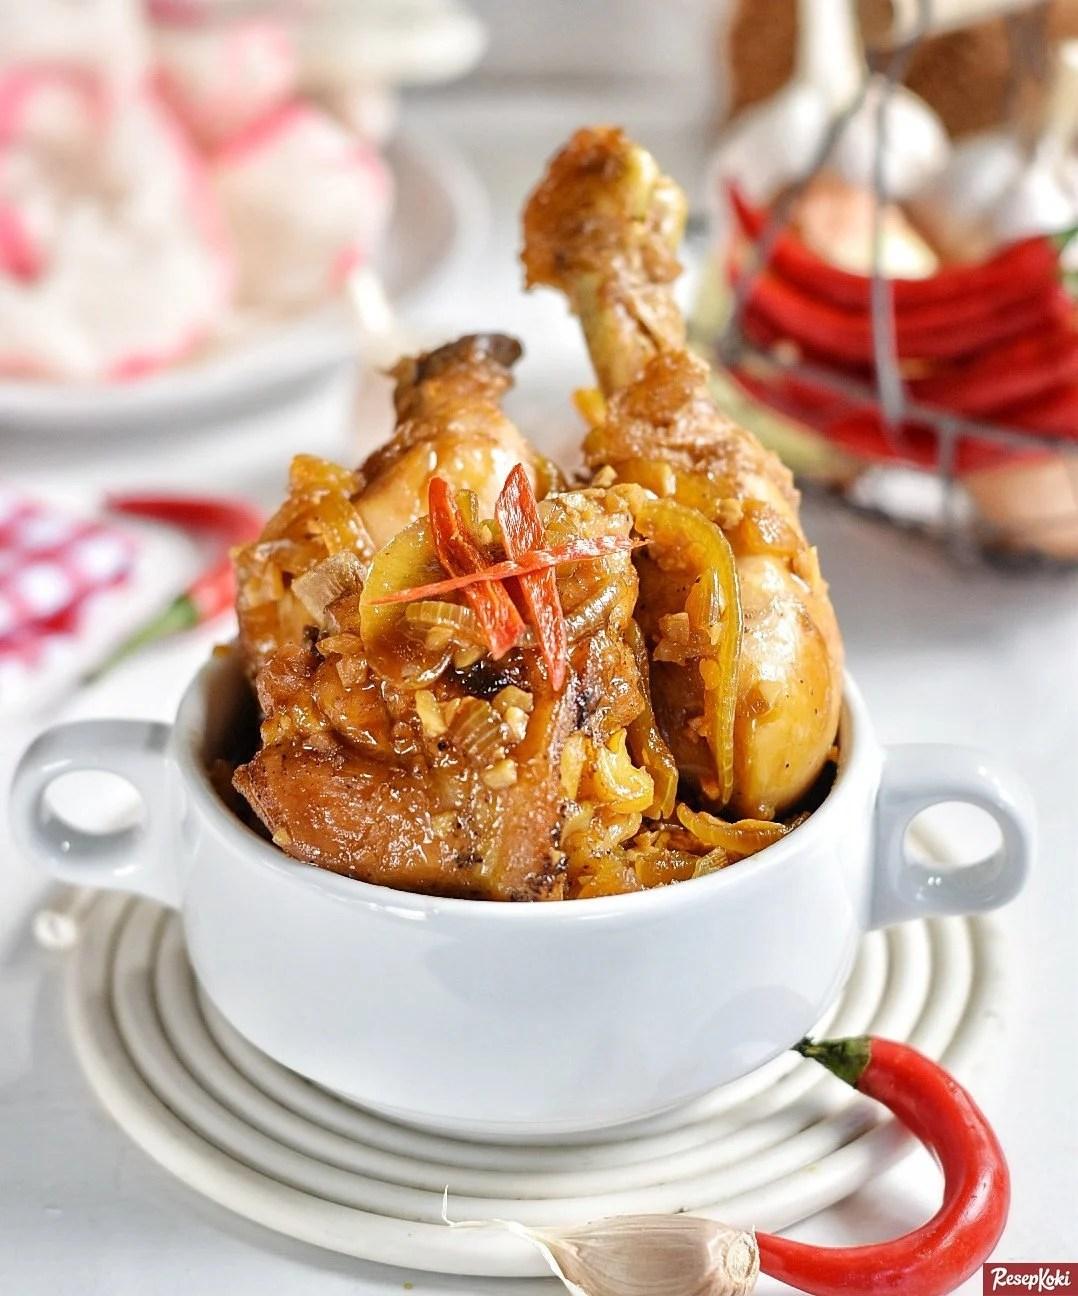 Bumbu Ayam Kecap Kuah : bumbu, kecap, Kecap, Sederhana, Resep, ResepKoki